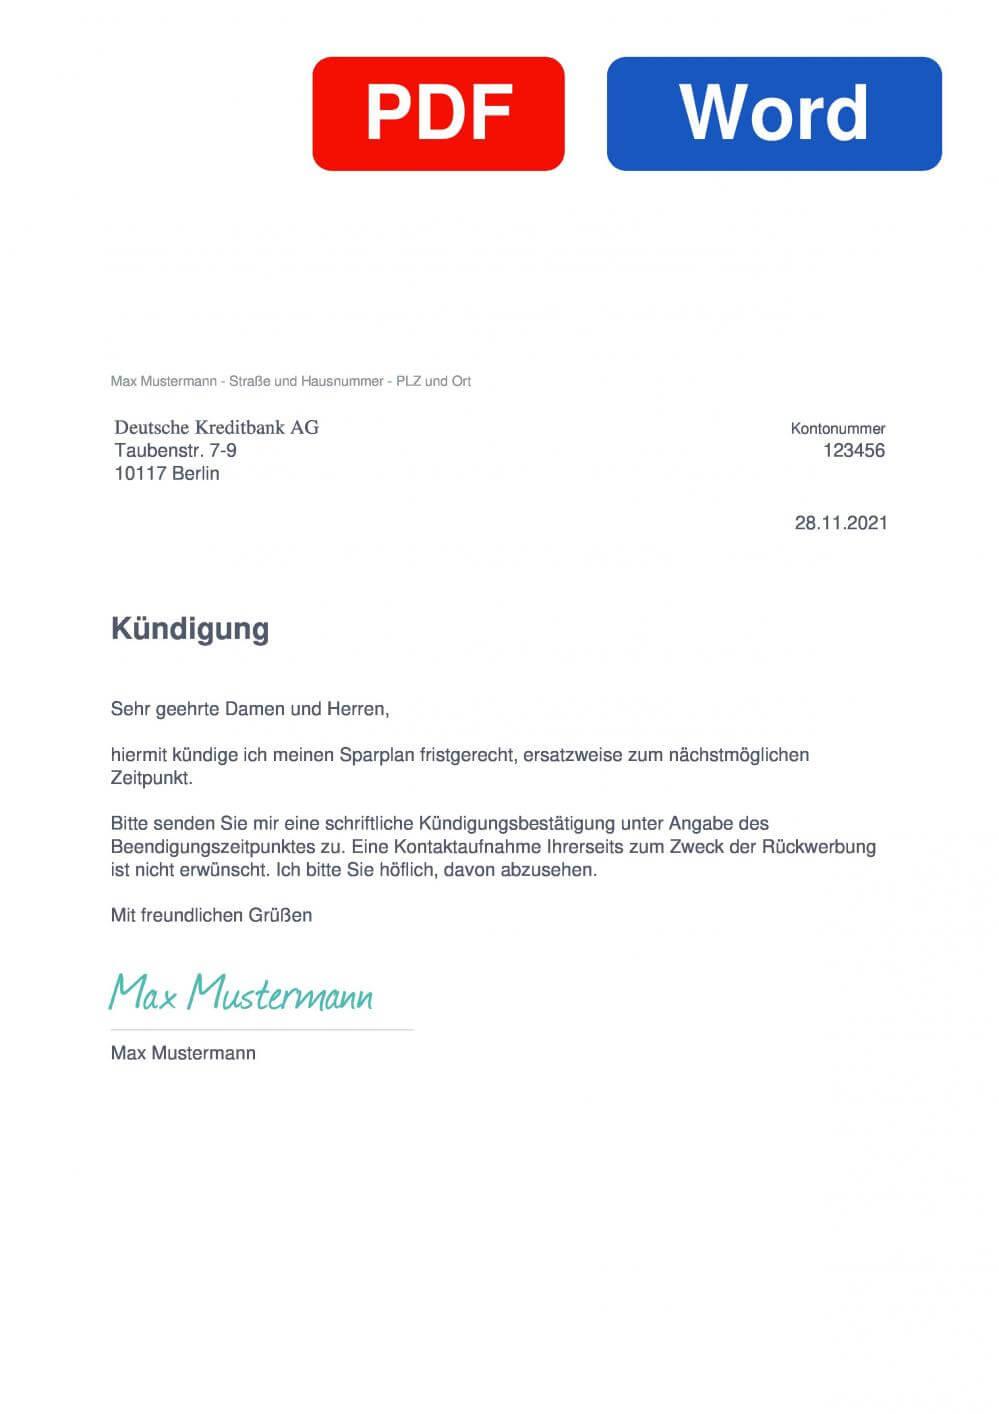 DKB Sparplan Muster Vorlage für Kündigungsschreiben